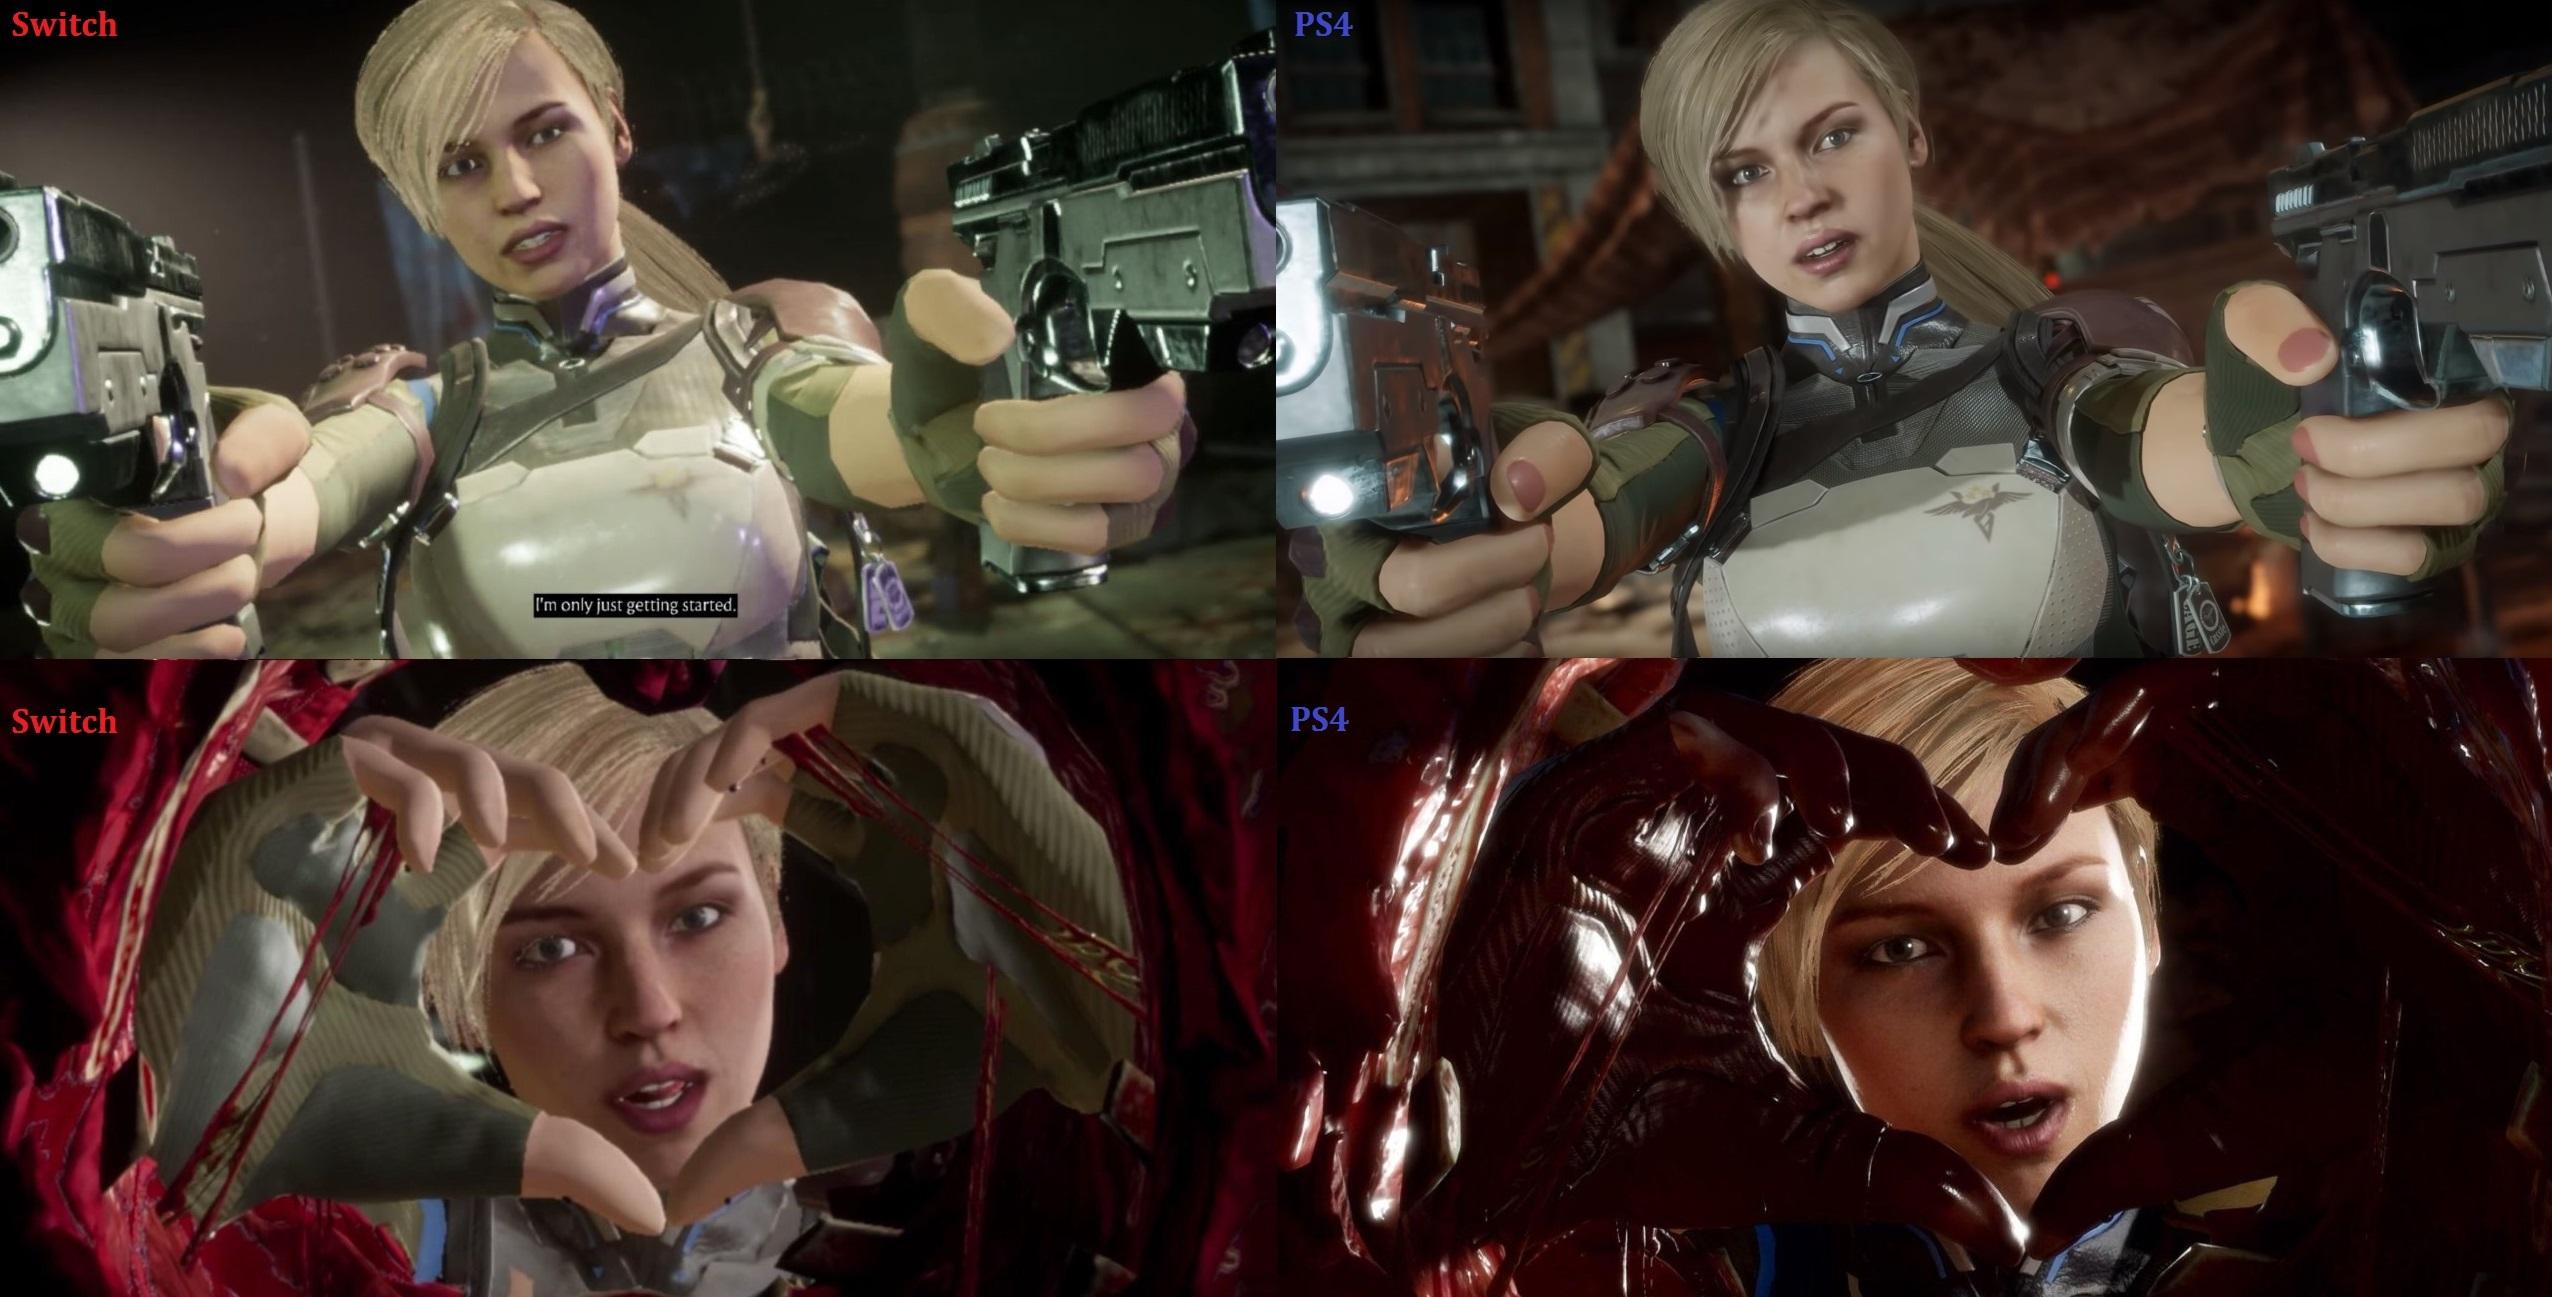 Switch vs PS4 - Mortal Kombat 11